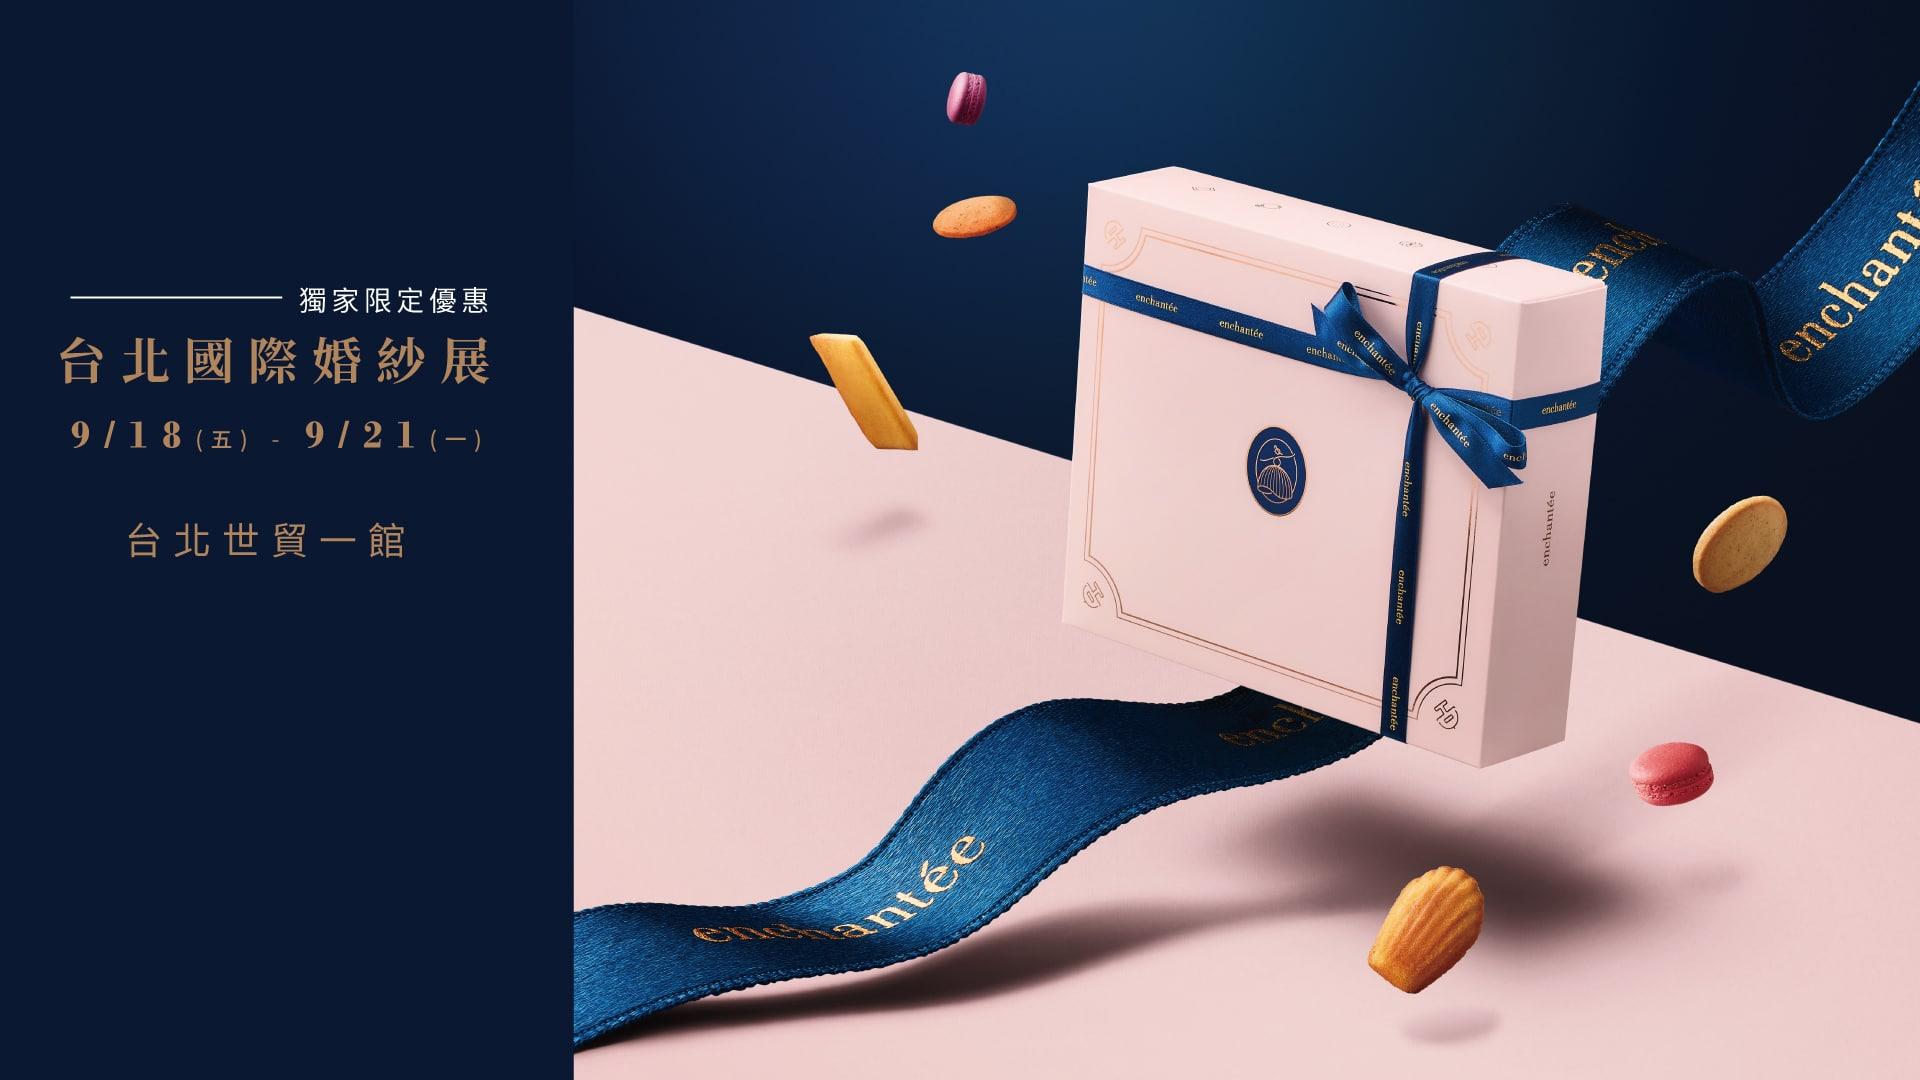 台北國際婚紗展 - 樂朗奇喜餅【座位預約登記表】 9/18(五)~9/21(一) 1